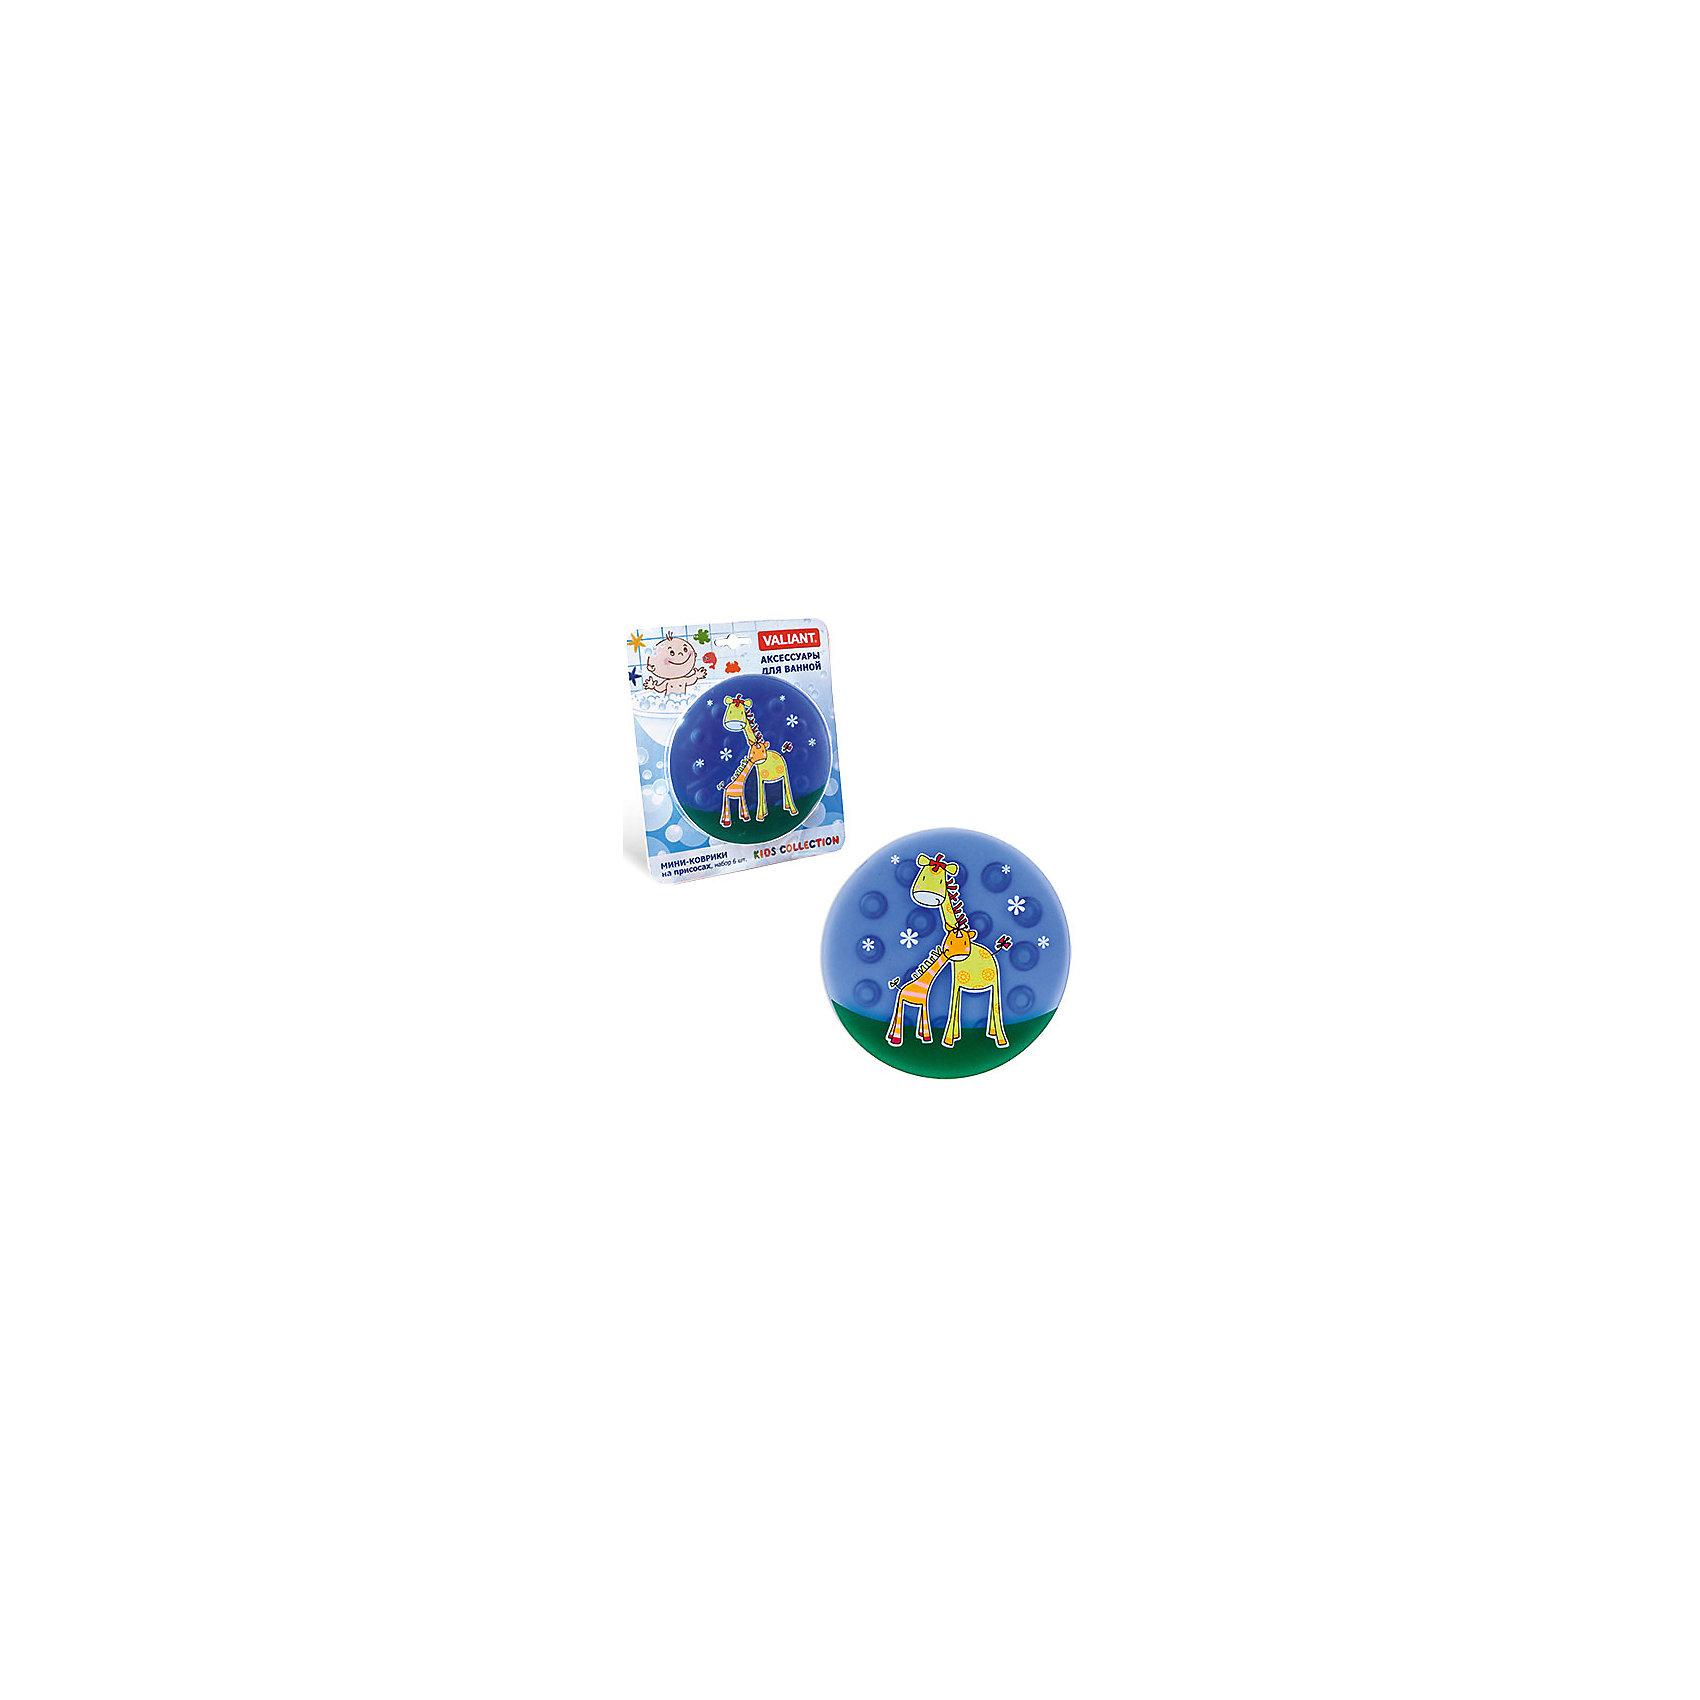 Набор ковриков Жирафы на присосках (6 шт)Мини-коврики для ванной комнаты - это яркое дополнение к купанию малыша. Это и игра и развитие моторики и изучение зверушек. <br>Колоссальный и постоянно растущий спрос на них обусловлен реакцией малышей и их мам на данное изобретение по всему миру.<br>Мини-коврики снабжены присосками и превосходно клеятся на влажный кафель.<br><br>Ширина мм: 170<br>Глубина мм: 35<br>Высота мм: 200<br>Вес г: 217<br>Возраст от месяцев: -2147483648<br>Возраст до месяцев: 2147483647<br>Пол: Унисекс<br>Возраст: Детский<br>SKU: 4563339